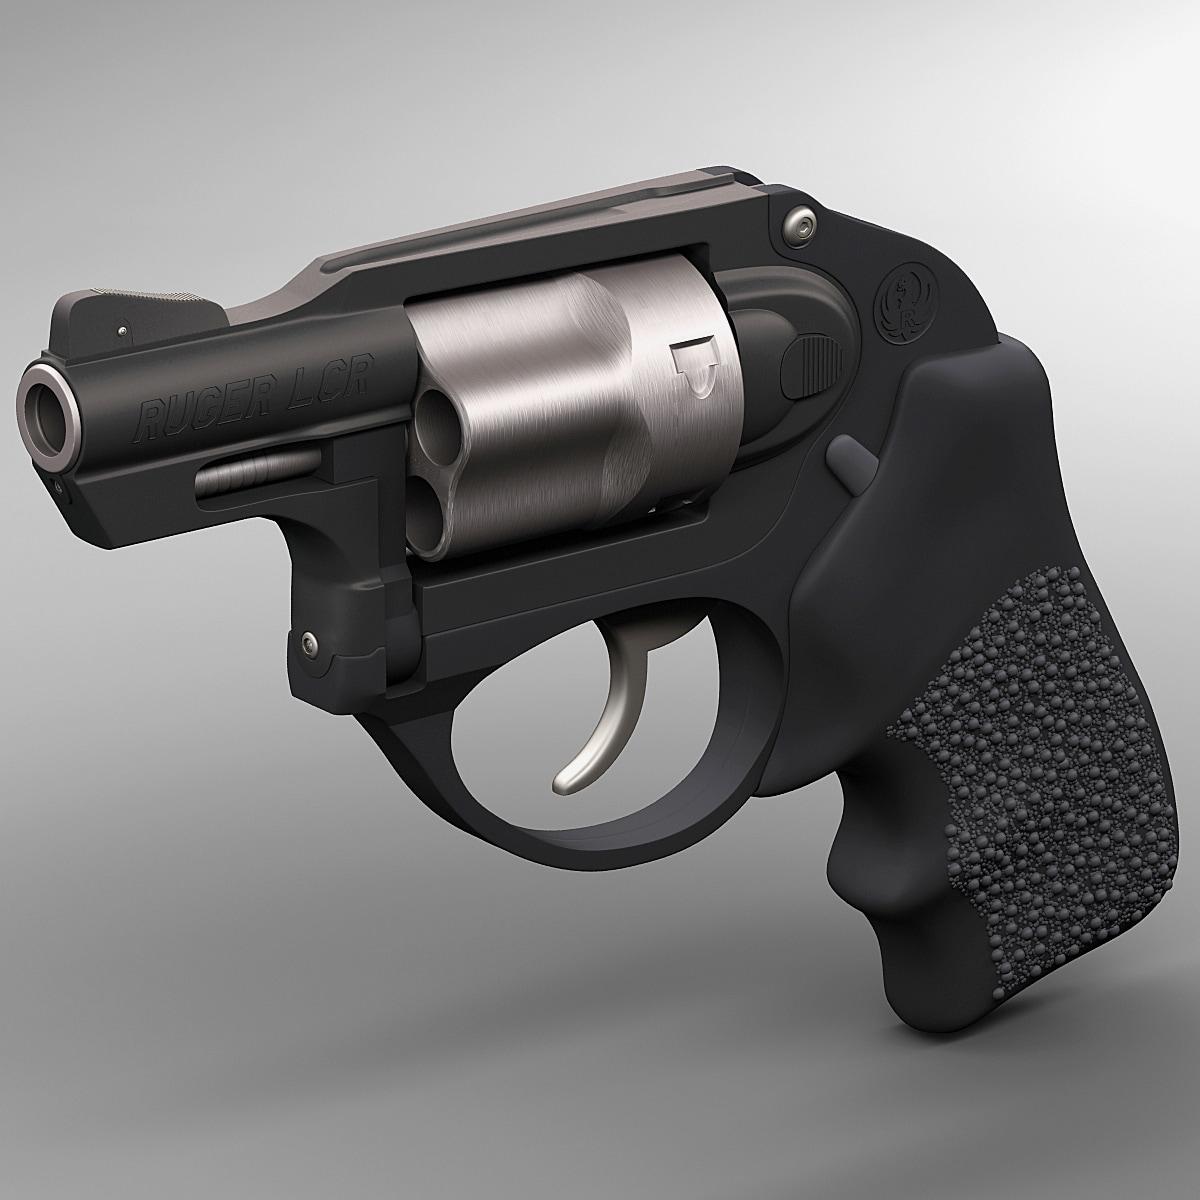 Revolver_Ruger_LCR_Vray_1.jpg